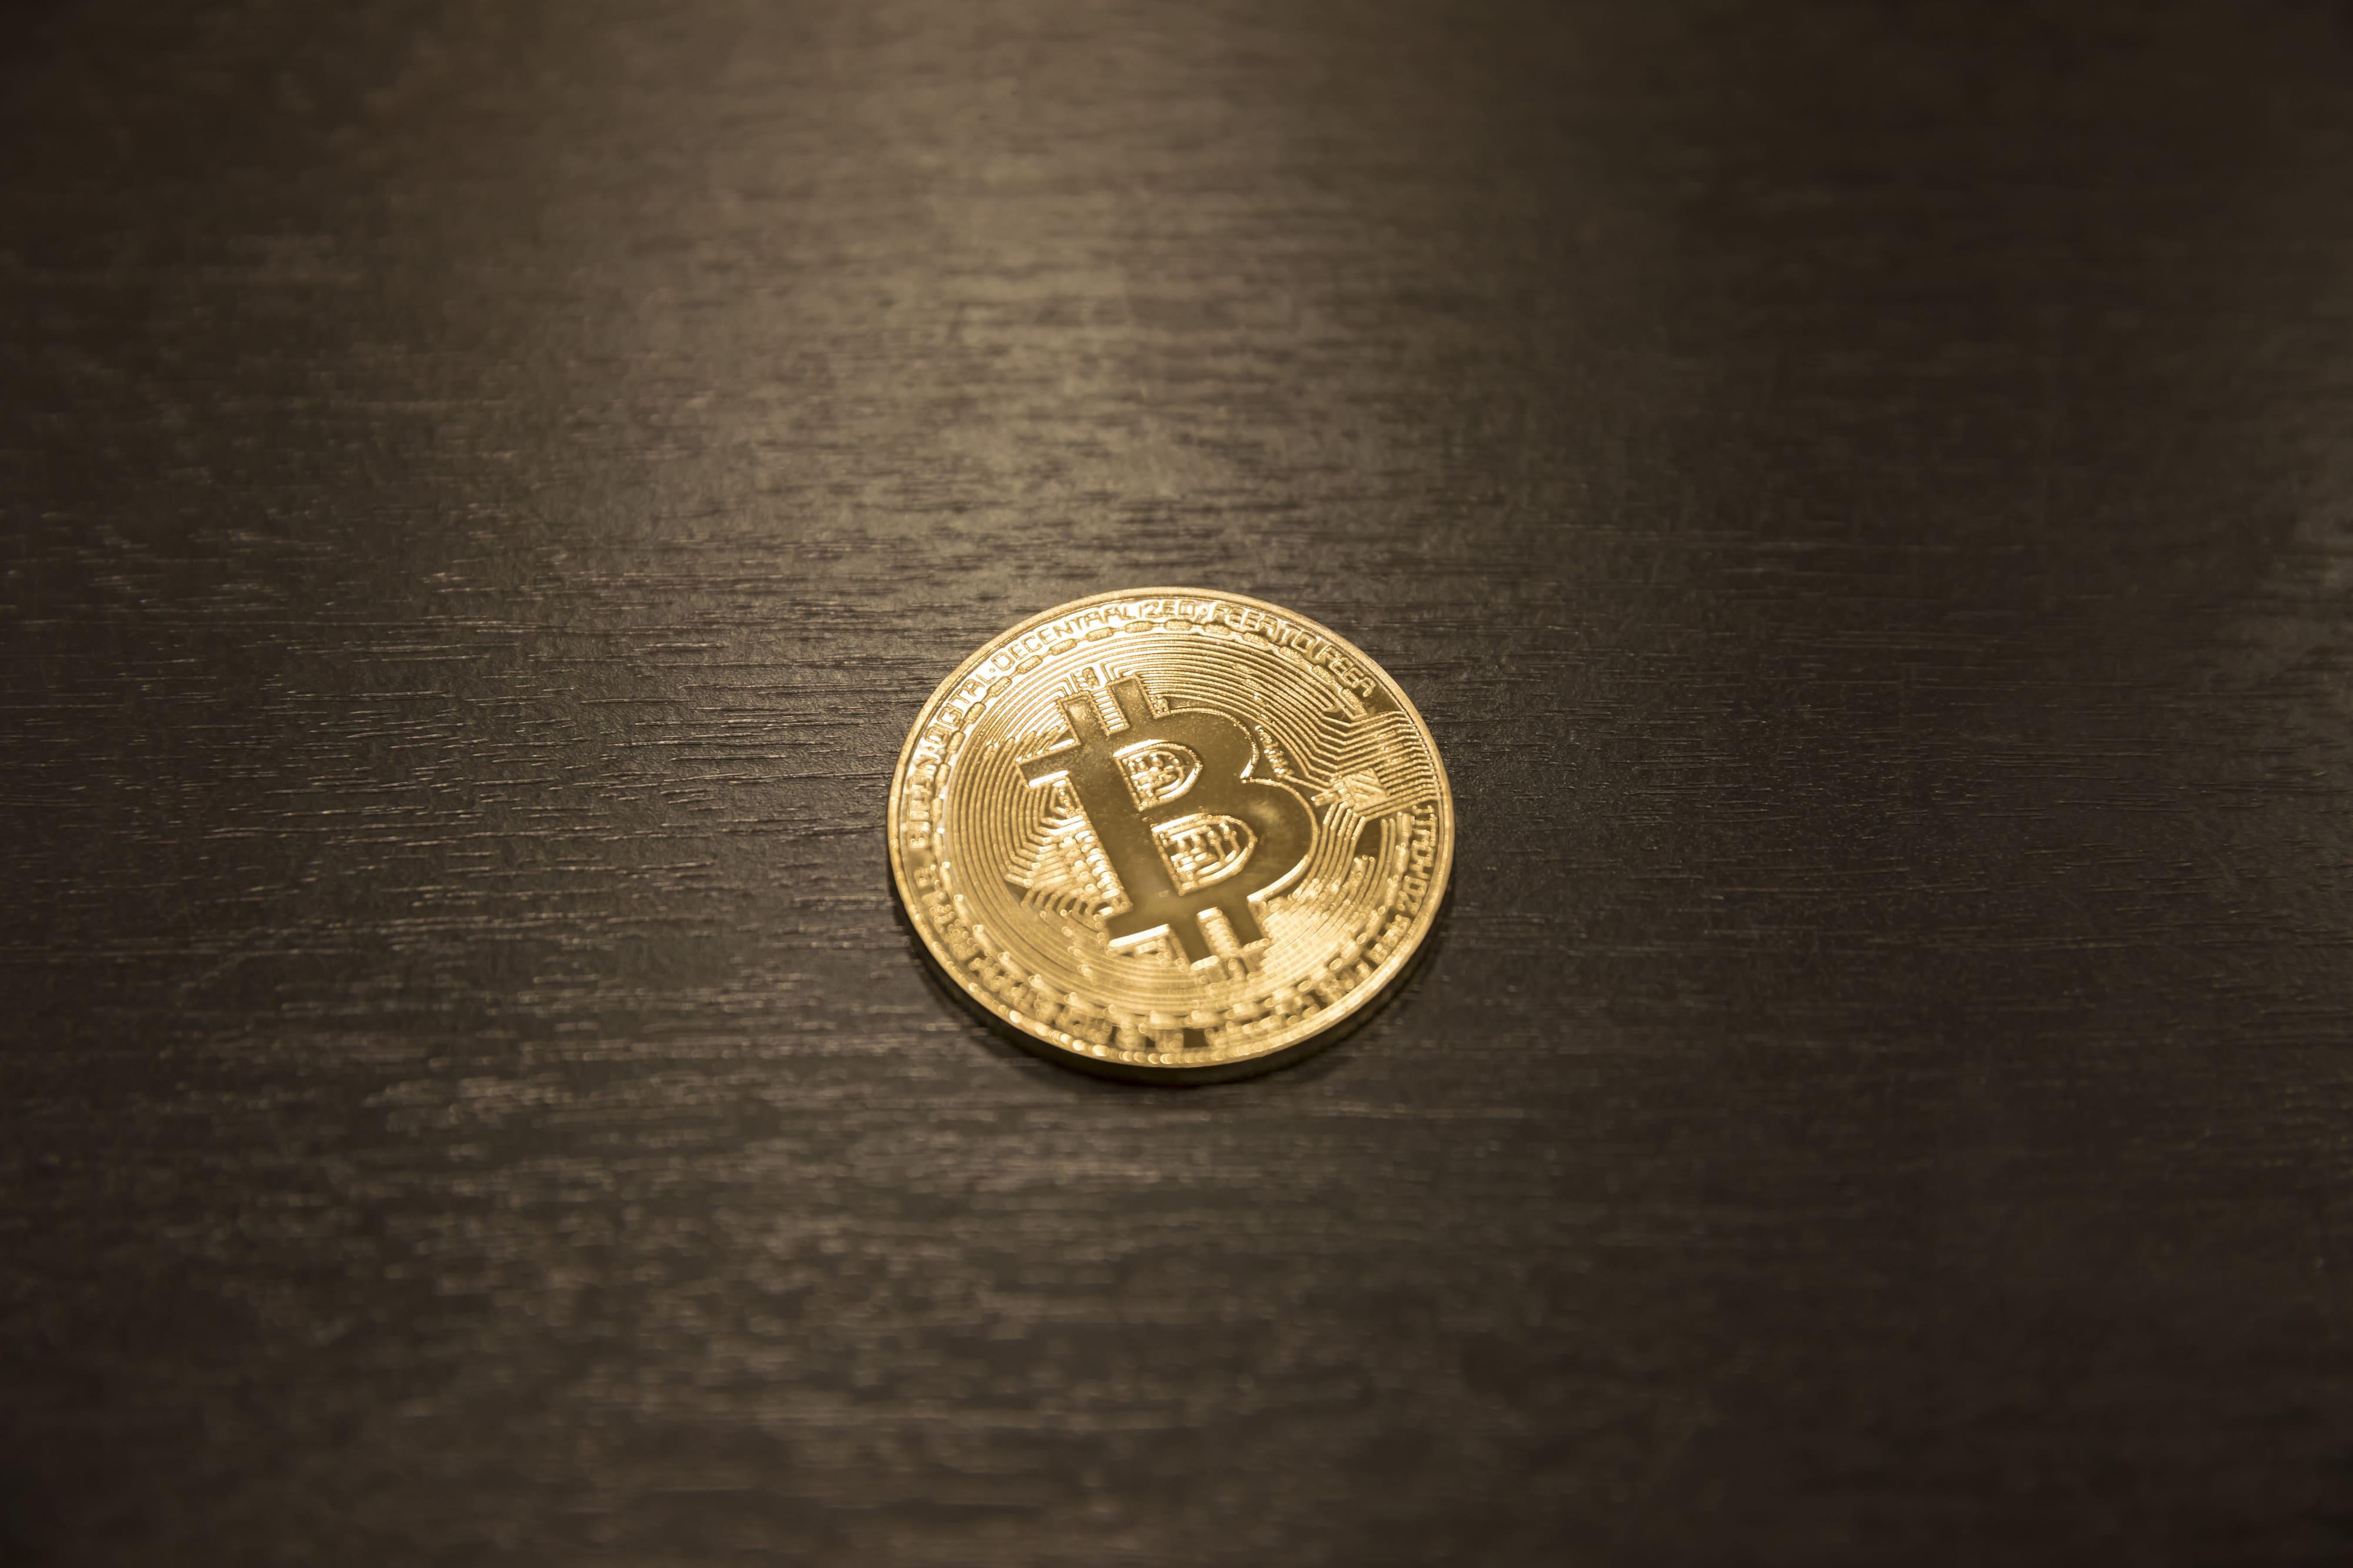 ビットコインの決済時間の目安は?送金時間が遅れる可能性や理由について